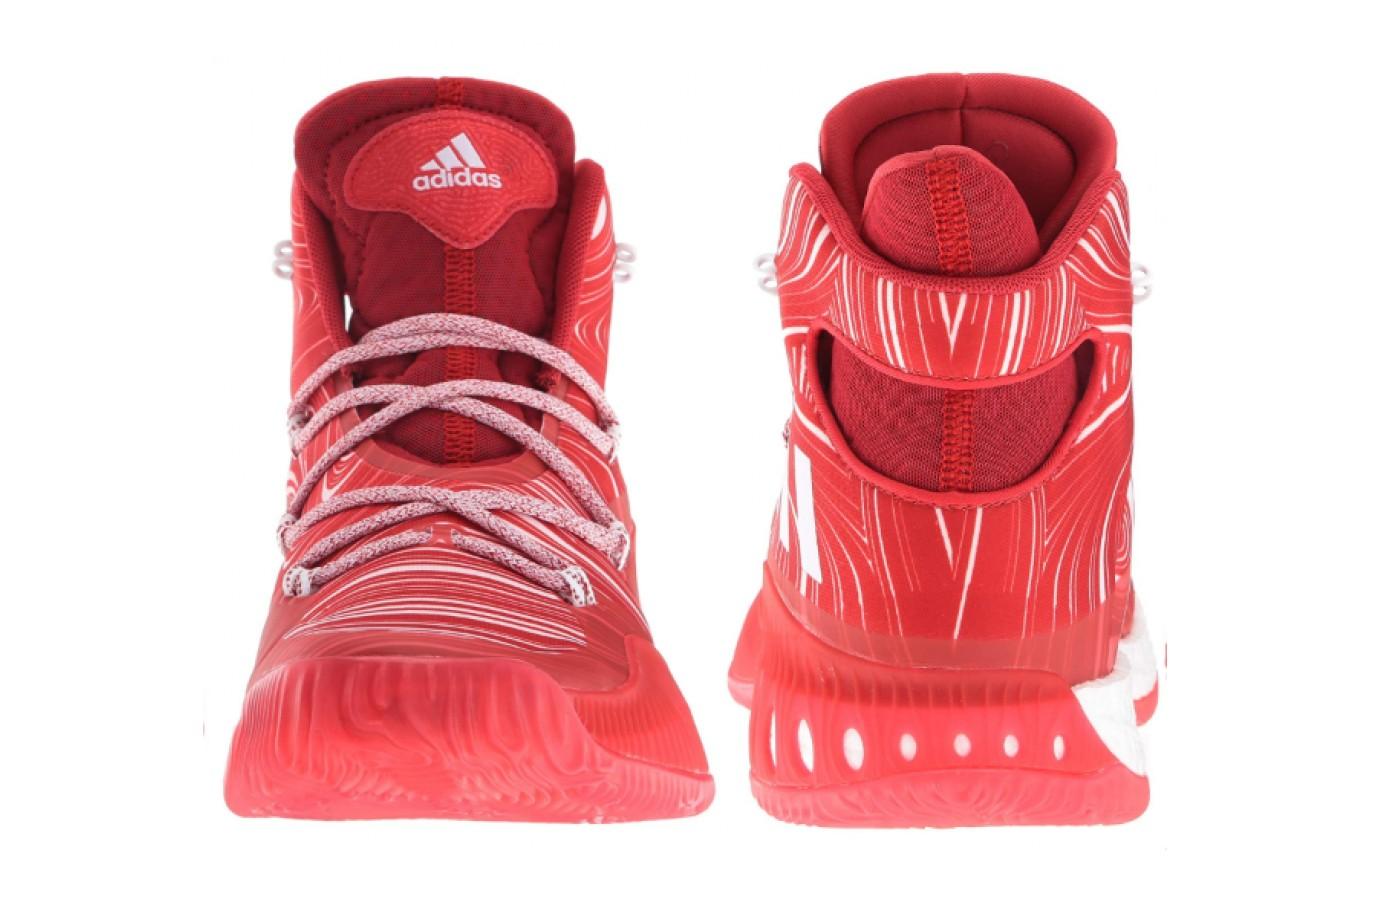 Adidas Crazy Explosive Heel